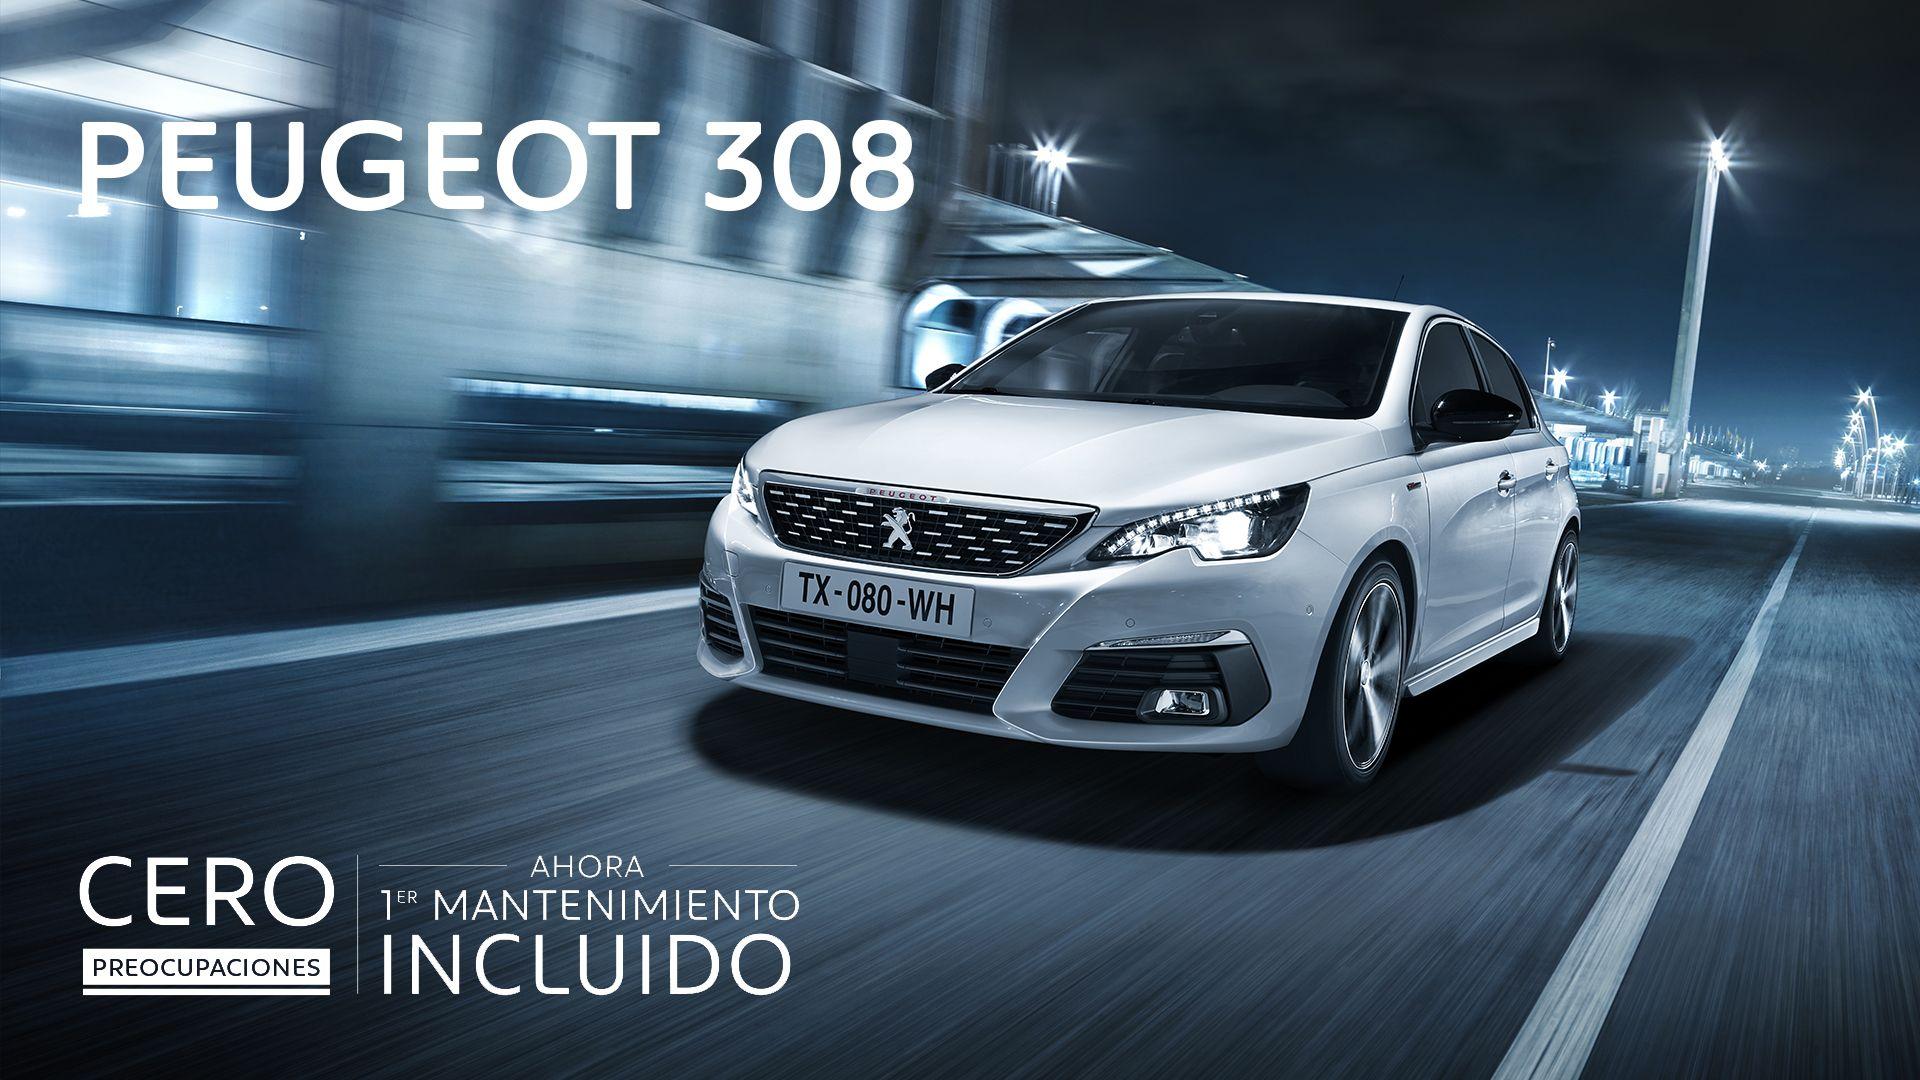 Conduce un Peugeot 308 por 150€/mes con mantenimiento gratuito